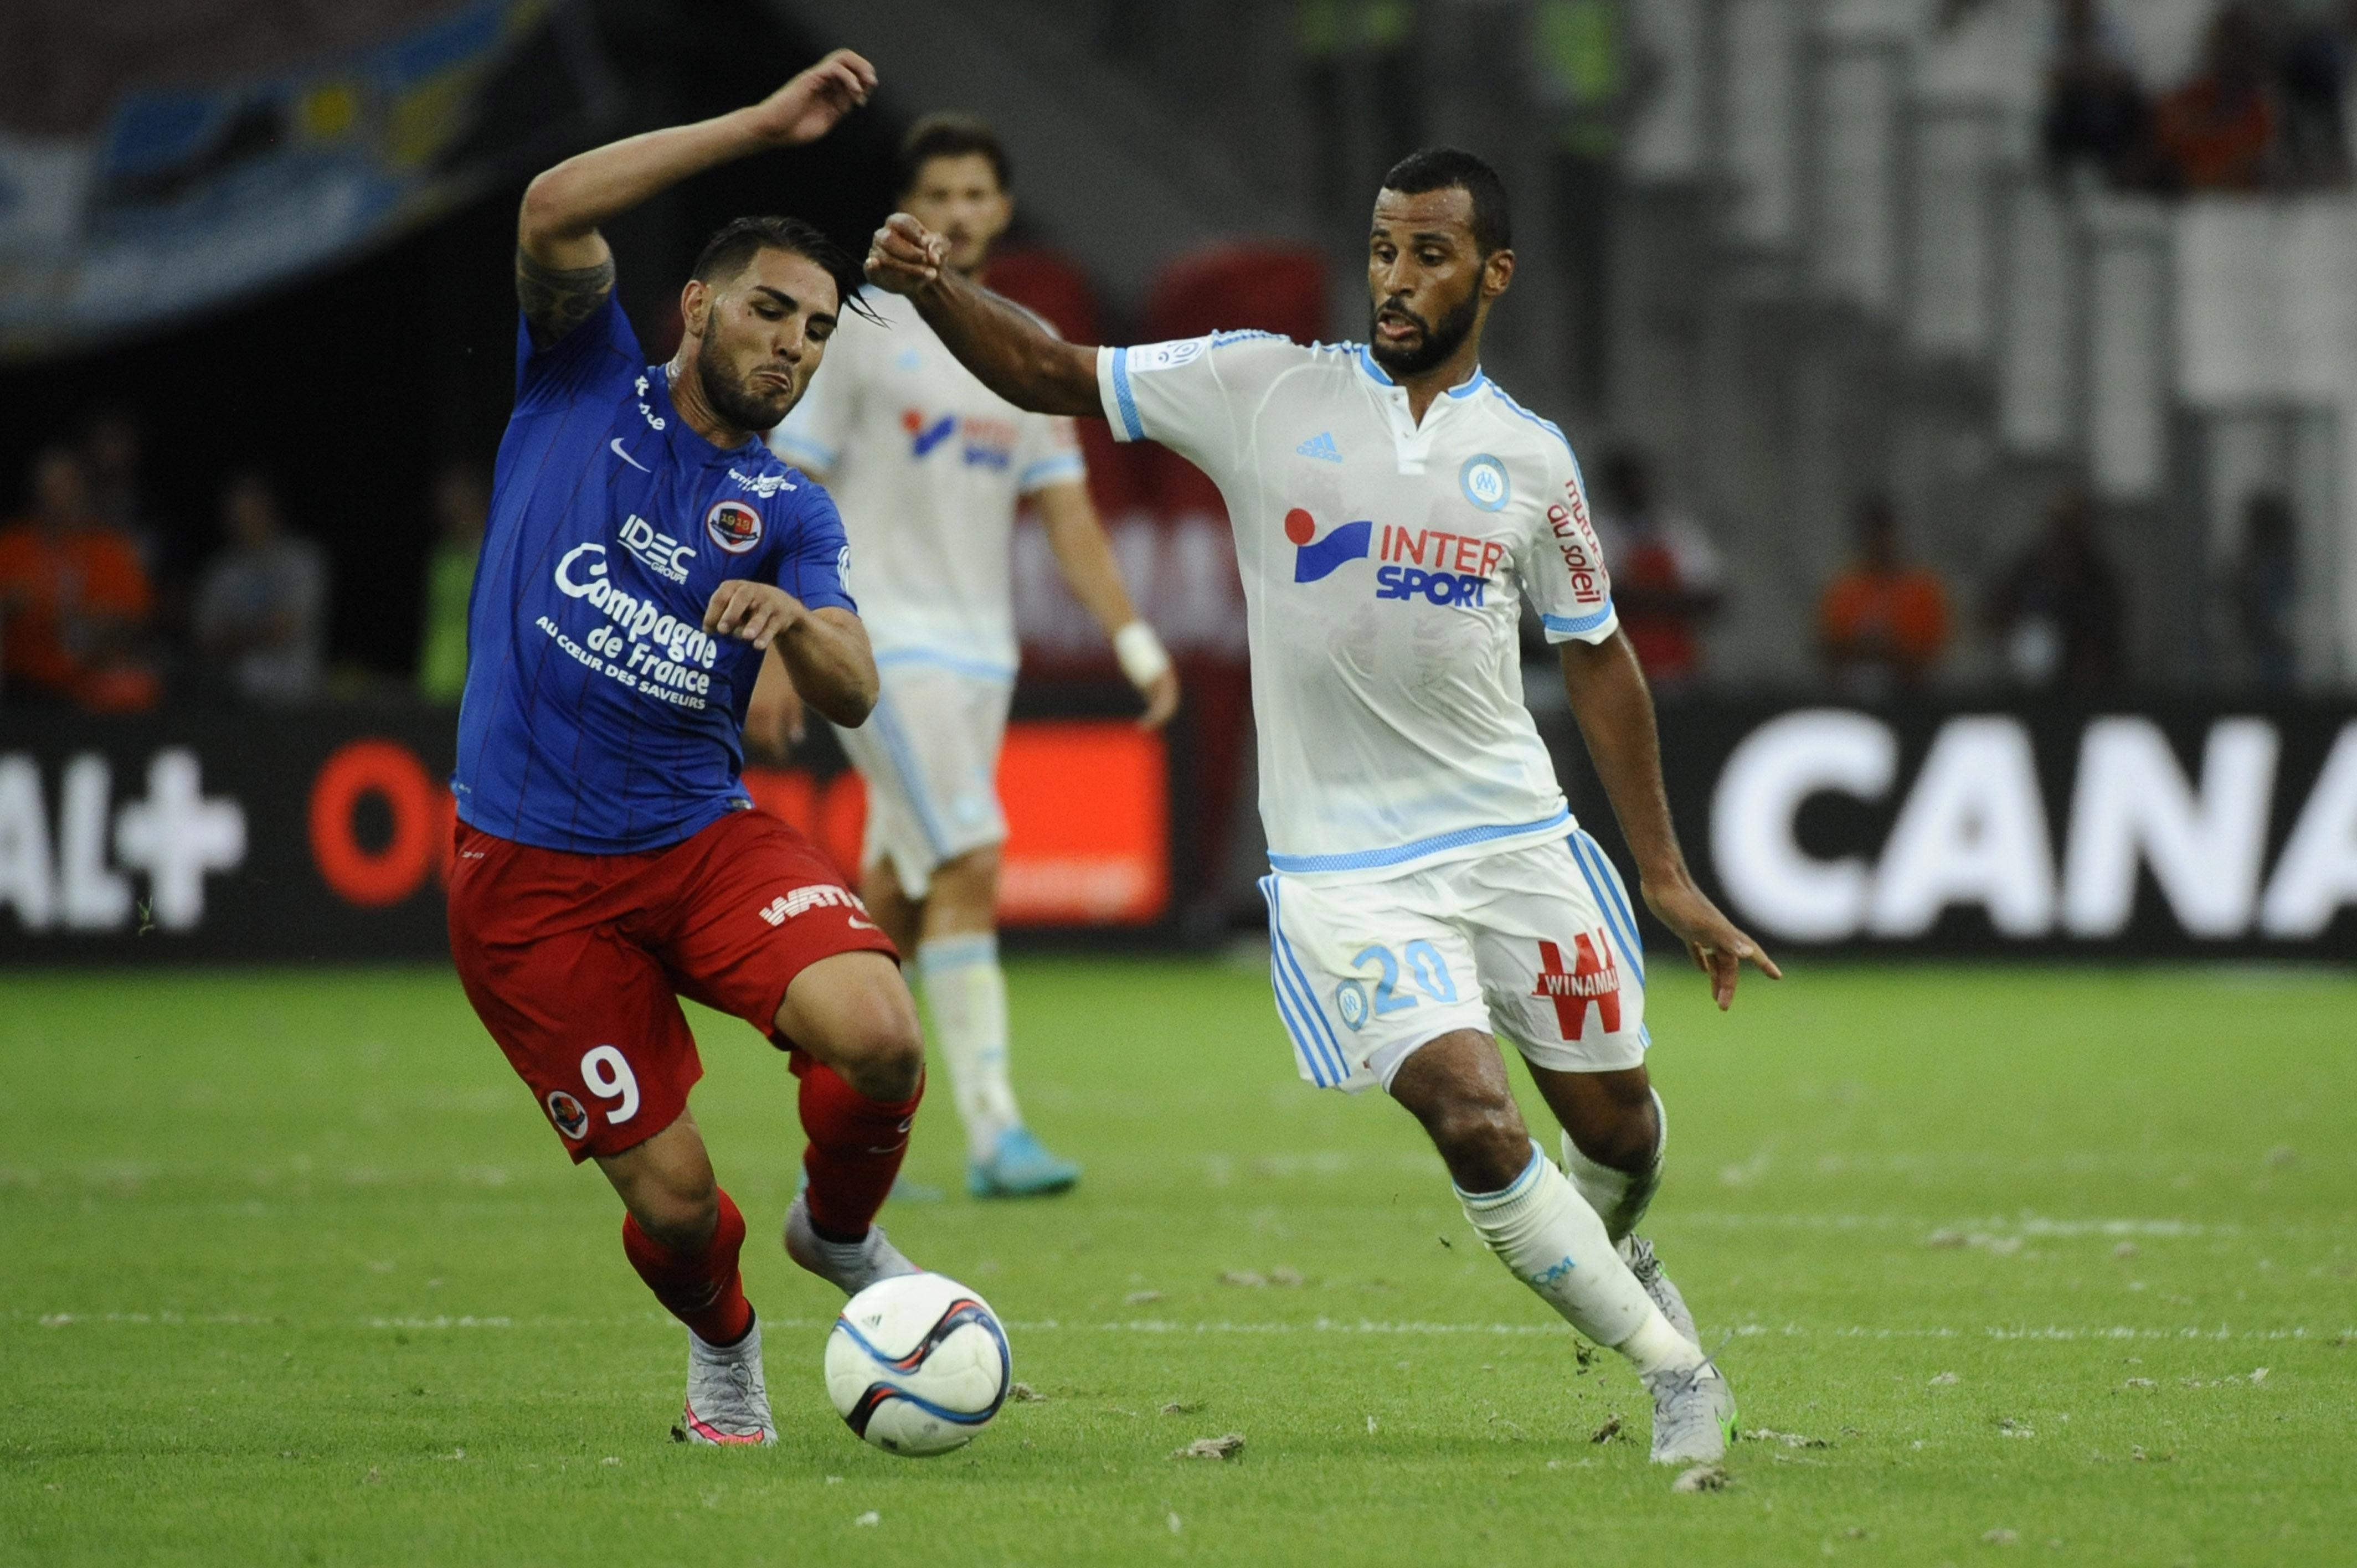 Coupe de france caen marseille en affiche le psg pargn coupe de france football - Marseille coupe de france ...